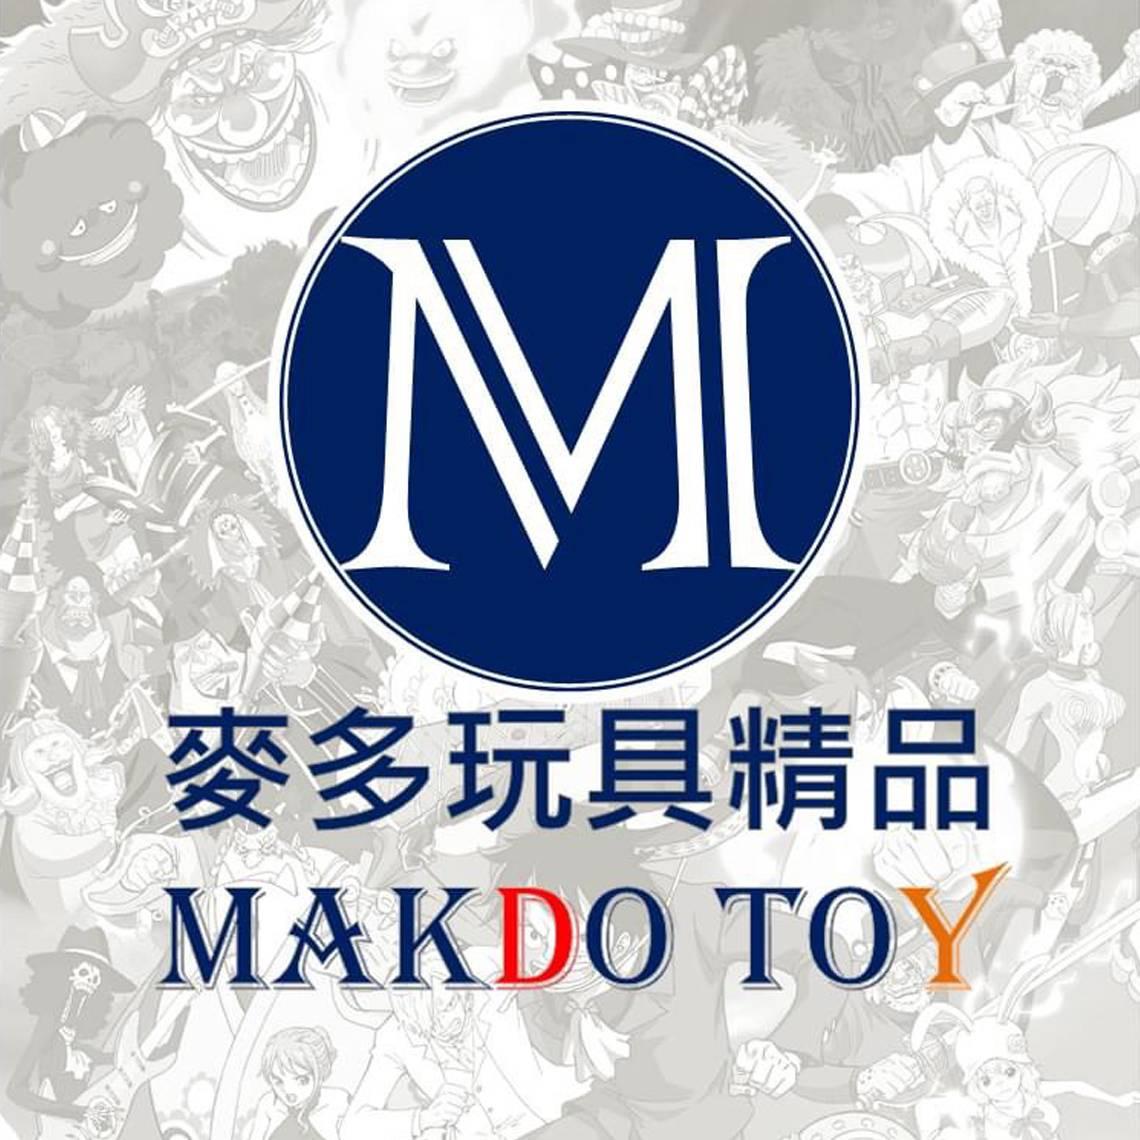 麥多玩具精品 MAKDOTOY